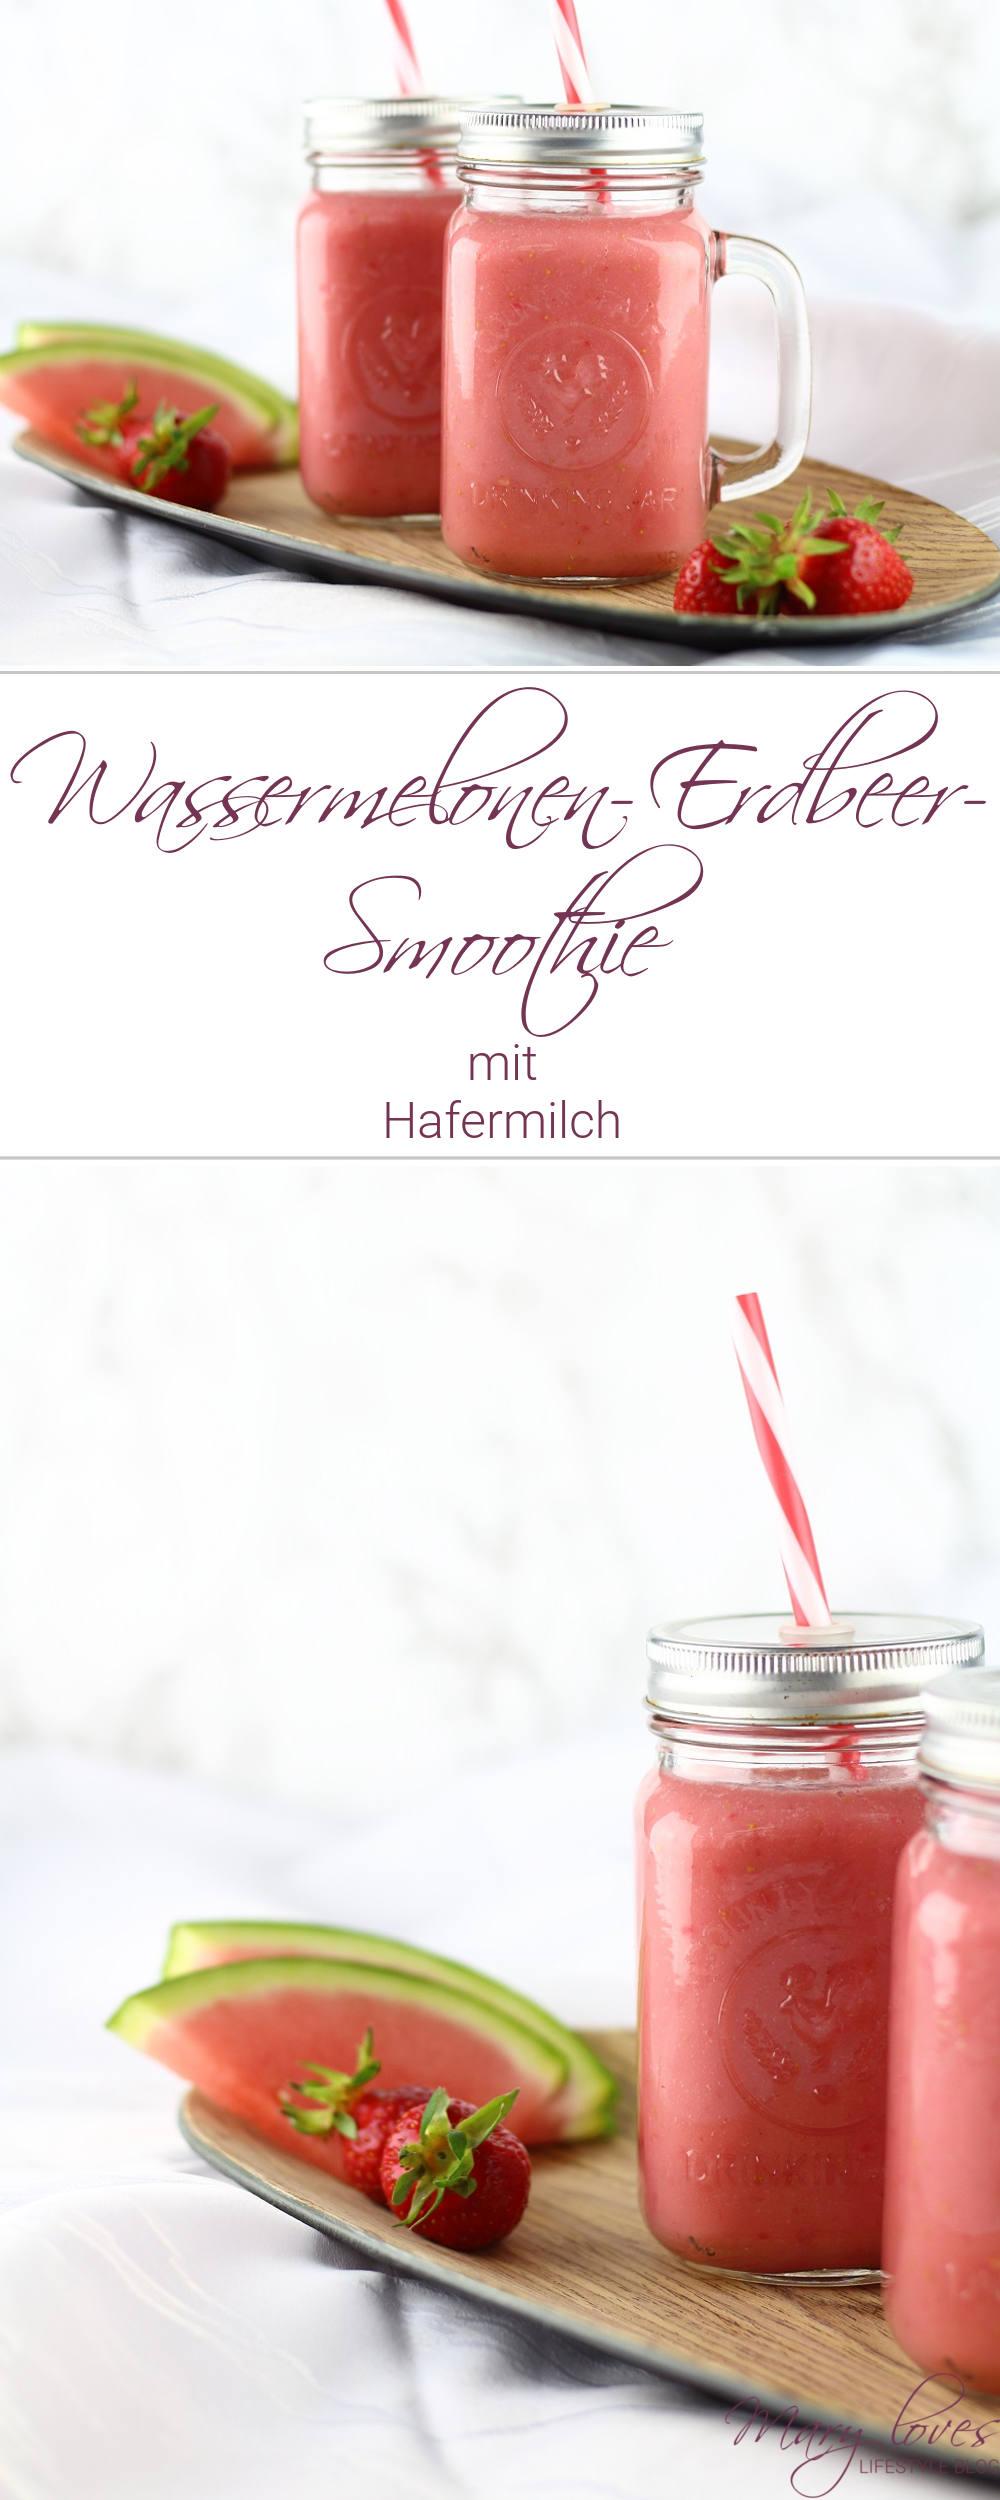 Cremiger Wassermelonen-Erdbeer-Smoothie mit Hafermilch - #smoothie #wassermelonensmoothie #erdbeersmoothie #vegan #smoothierezept #wassermelone #erdbeeren #hafermilch